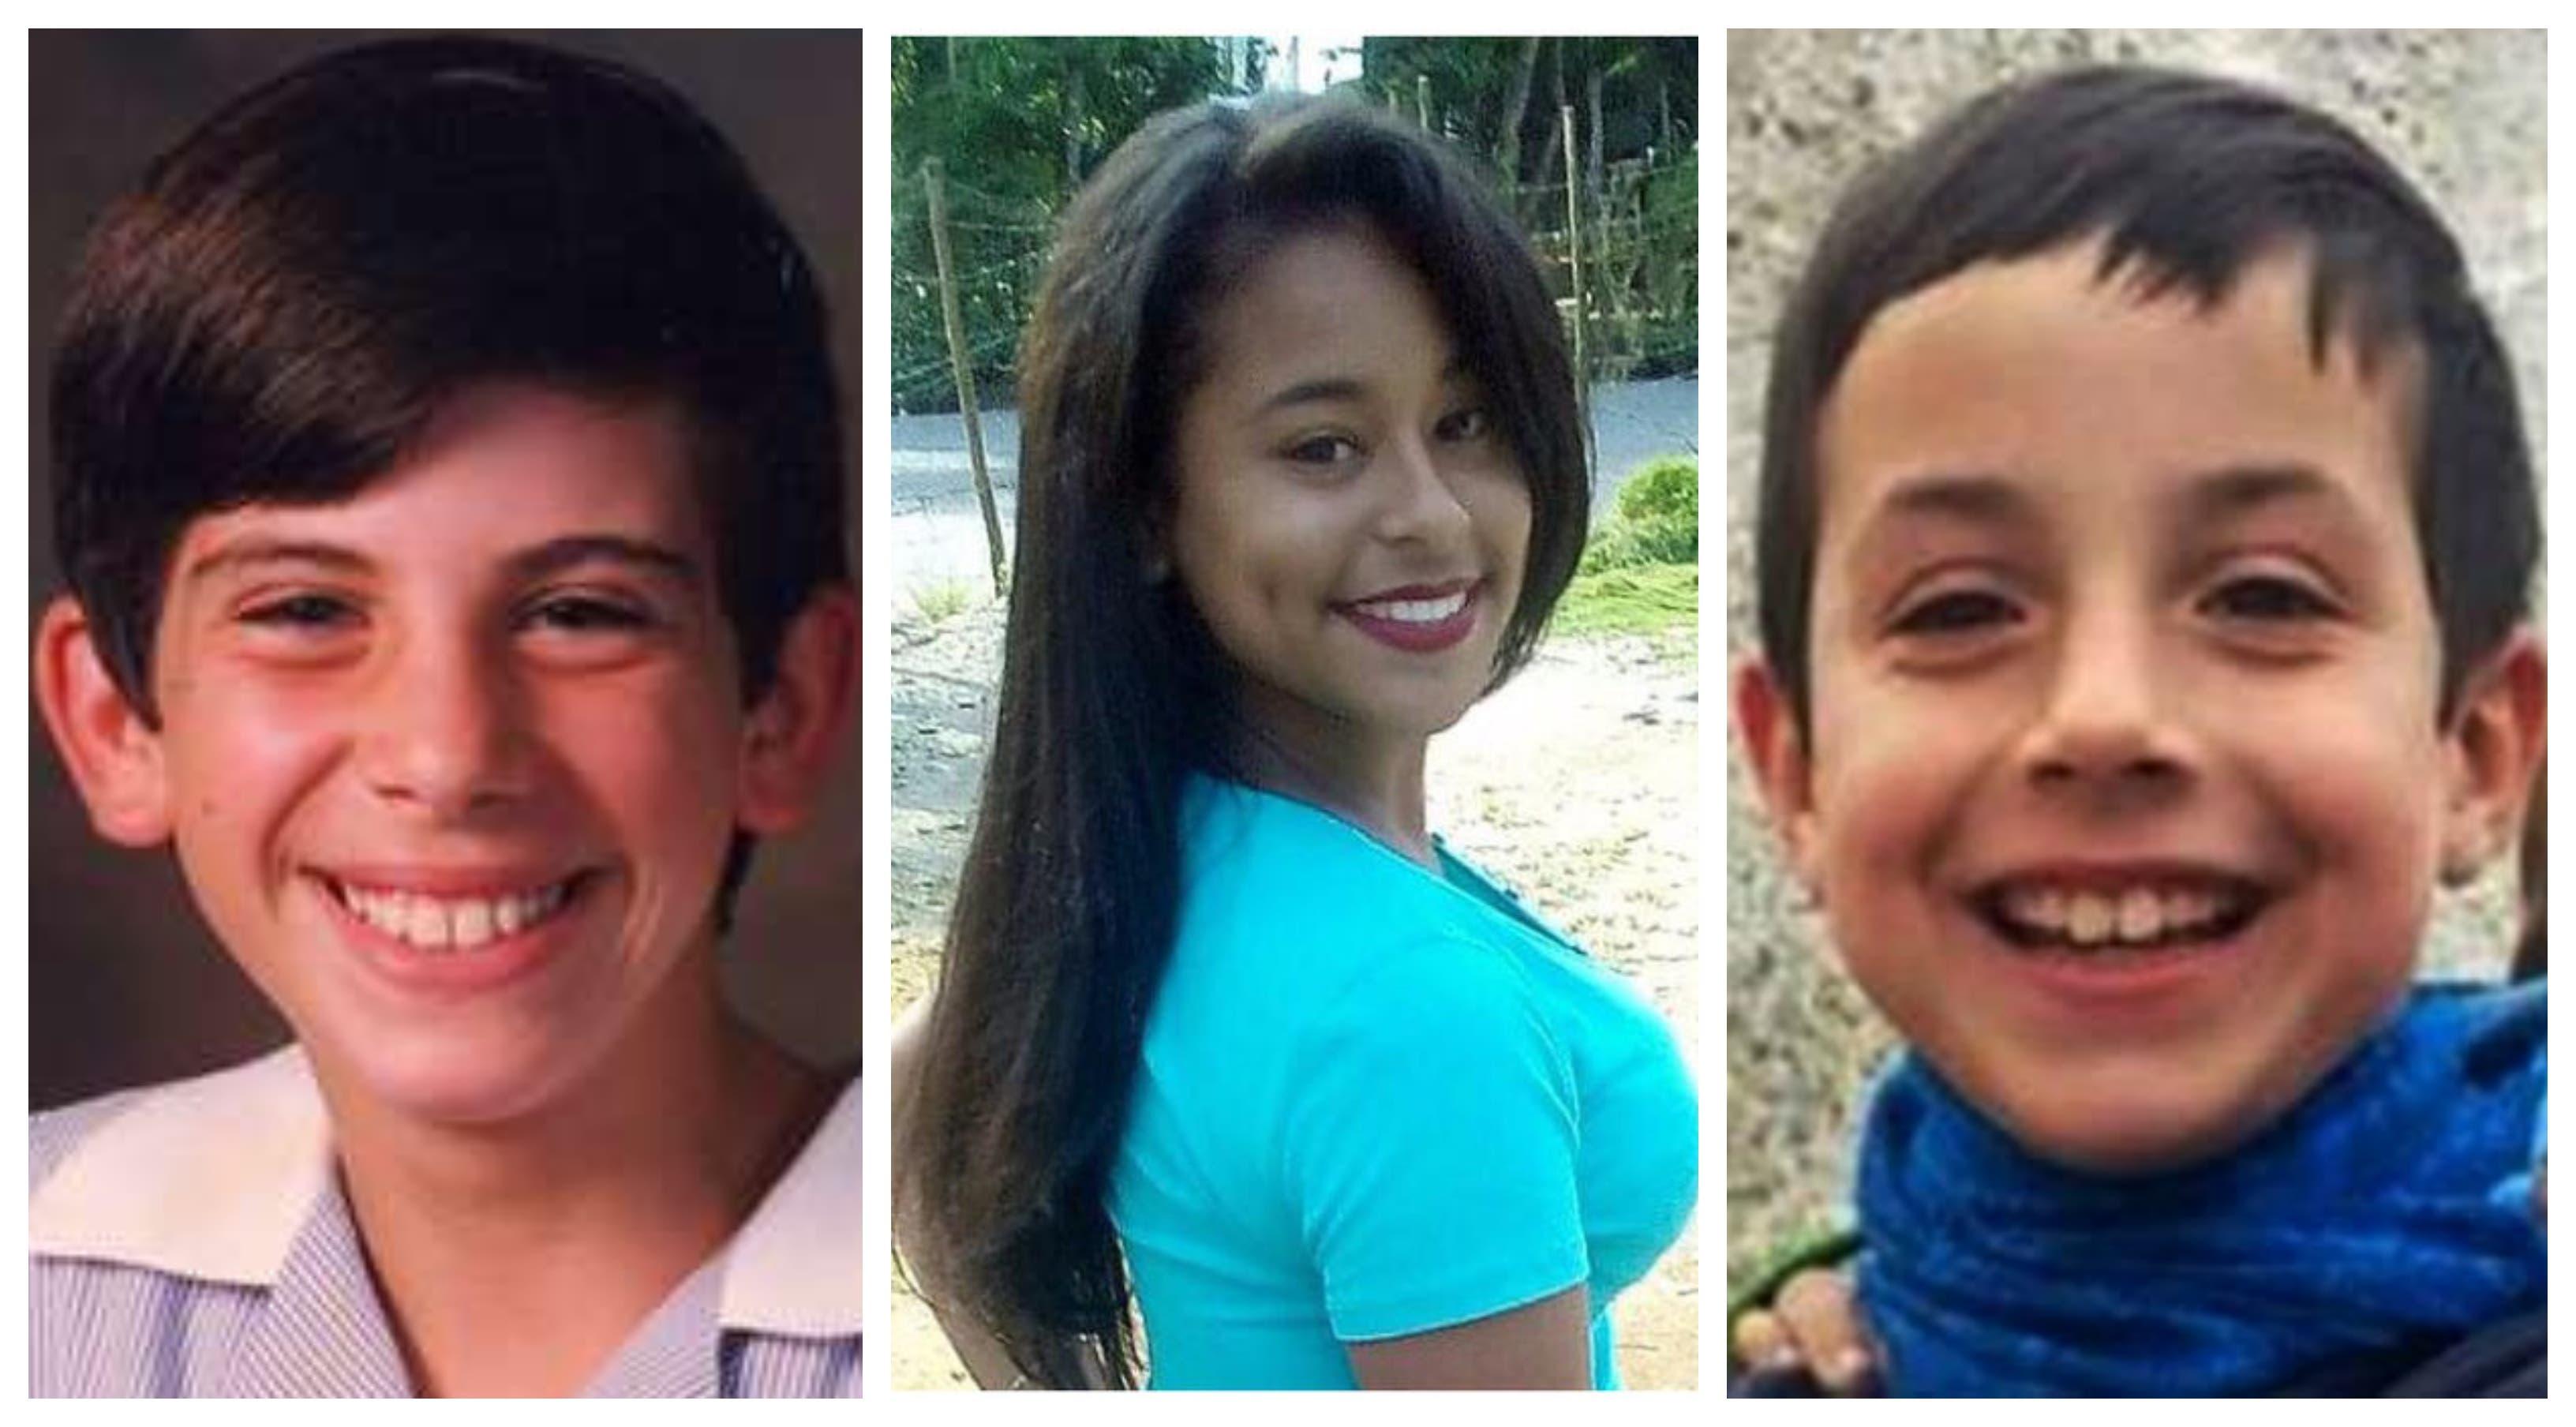 En el caso Llenas Aybar, igual que en el de Emely Peguero y  Gabriel Cruz, los asesinos lloraron con los parientes y buscaron sus víctimas